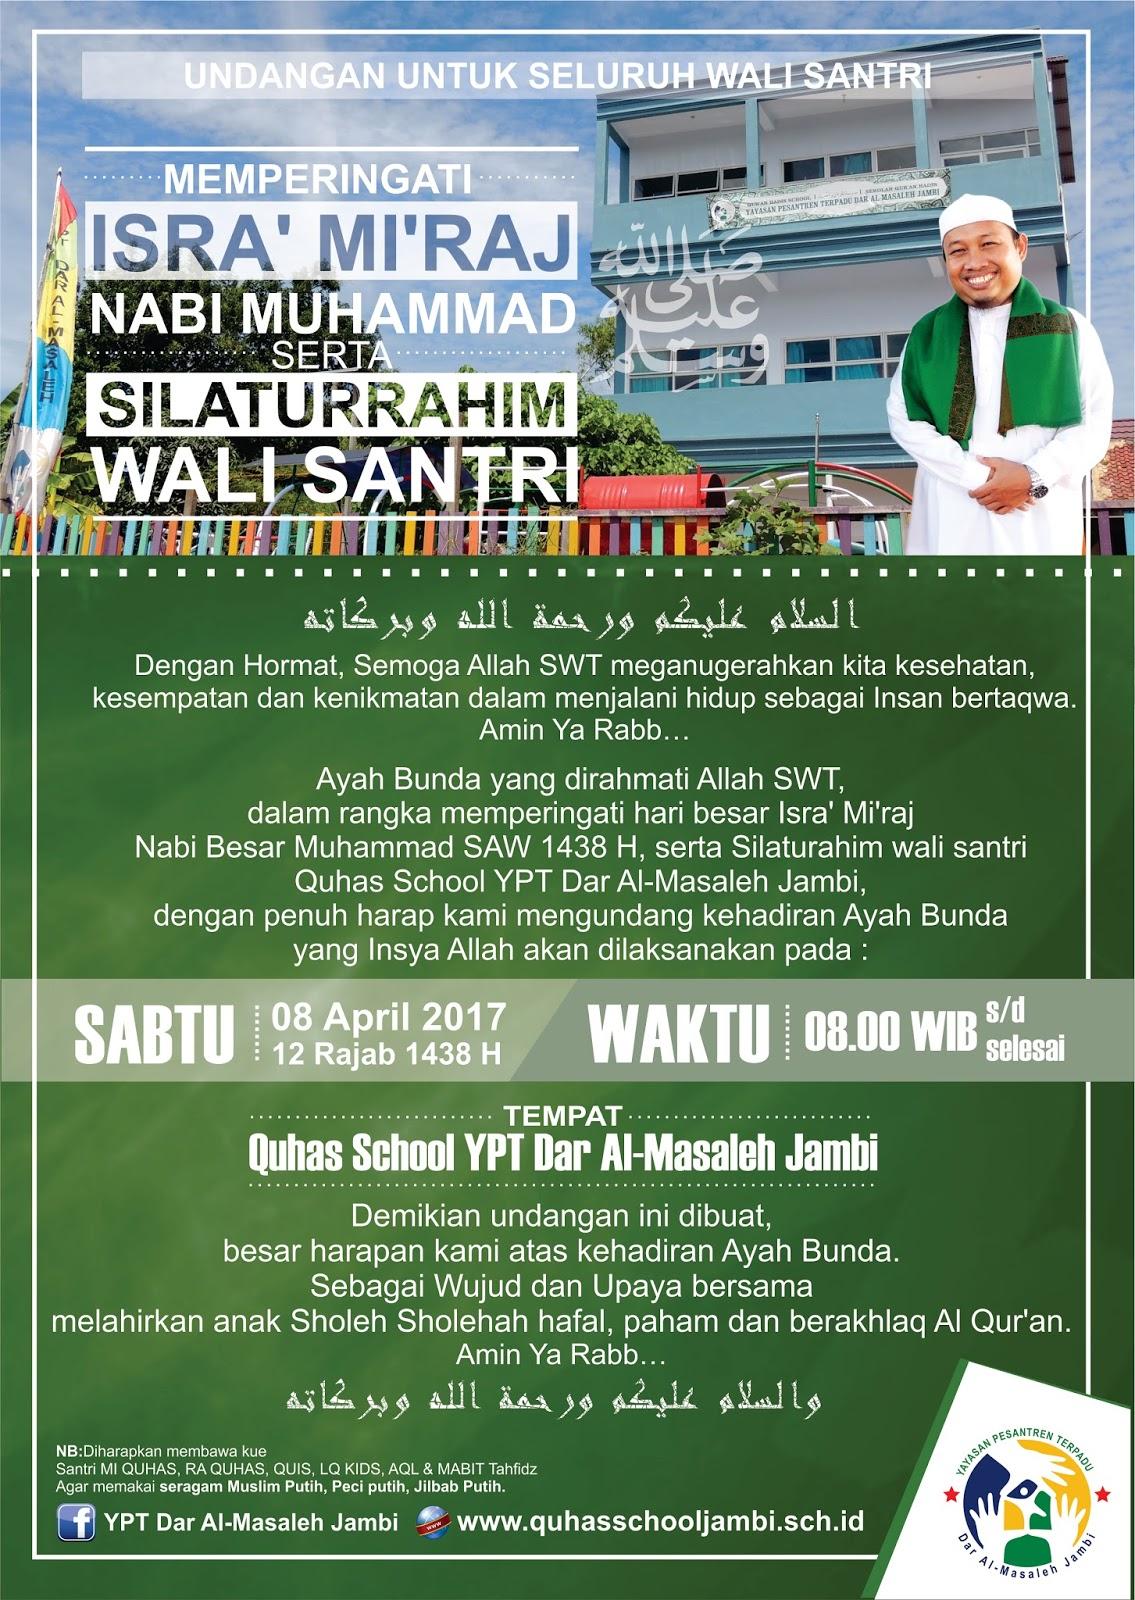 Undangan Peringatan Hari Besar Isra Mi Raj Nabi Besar Muhammad Saw